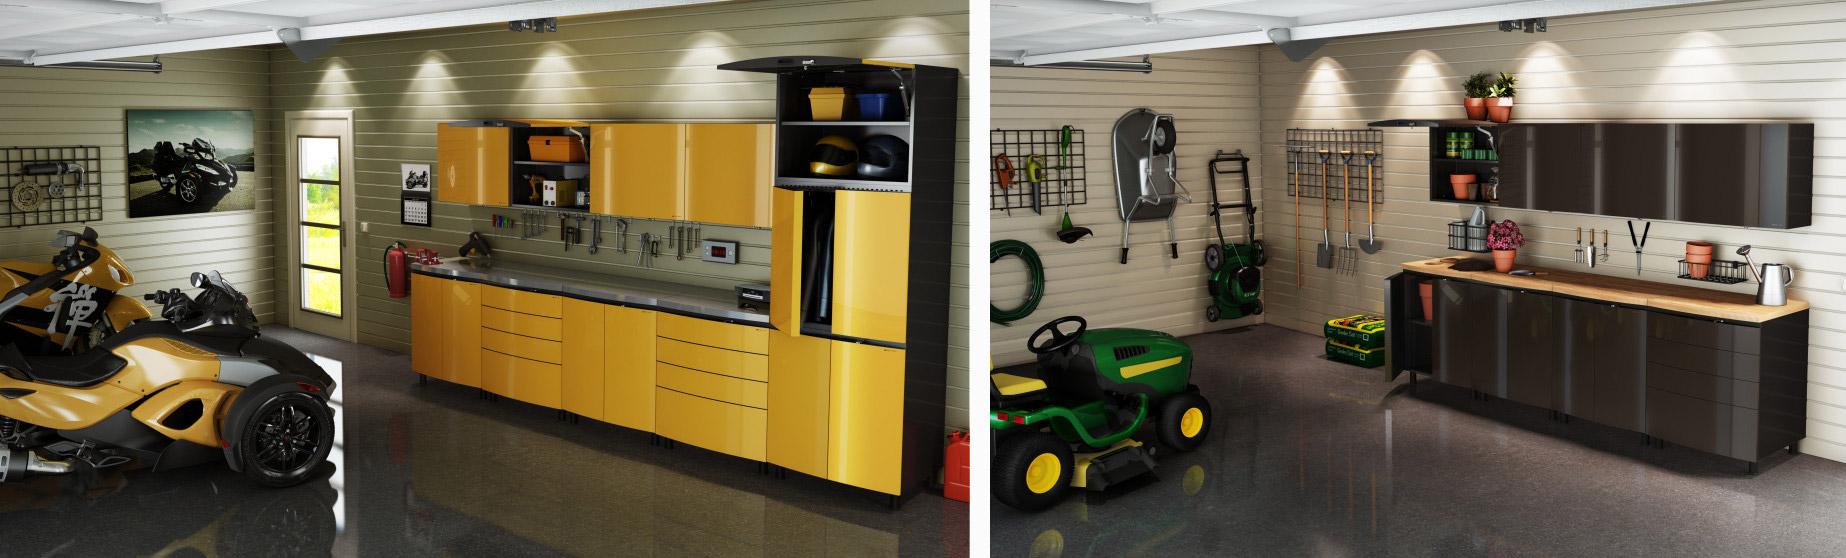 Metal Garage Cabinets Pittsburgh Pa Garage Storage Organization